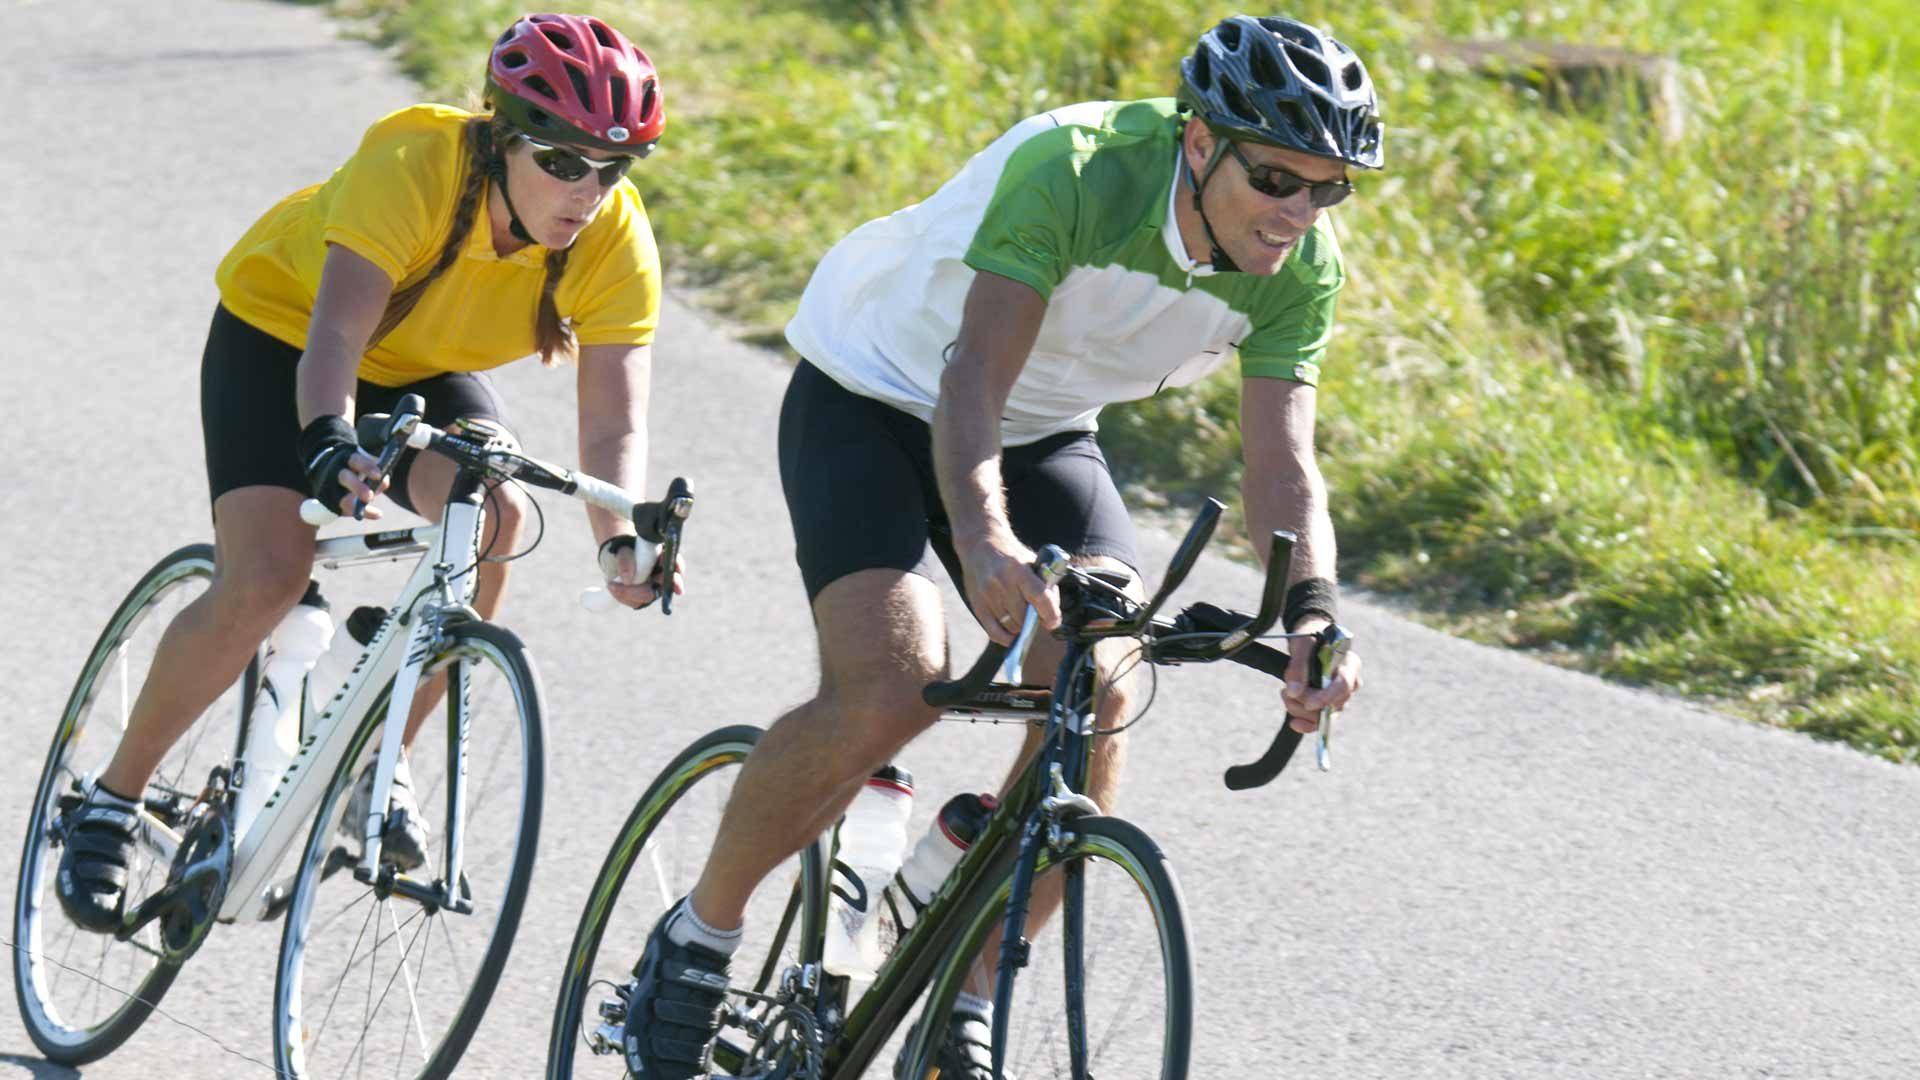 Tiso e Nalles in bici da corsa